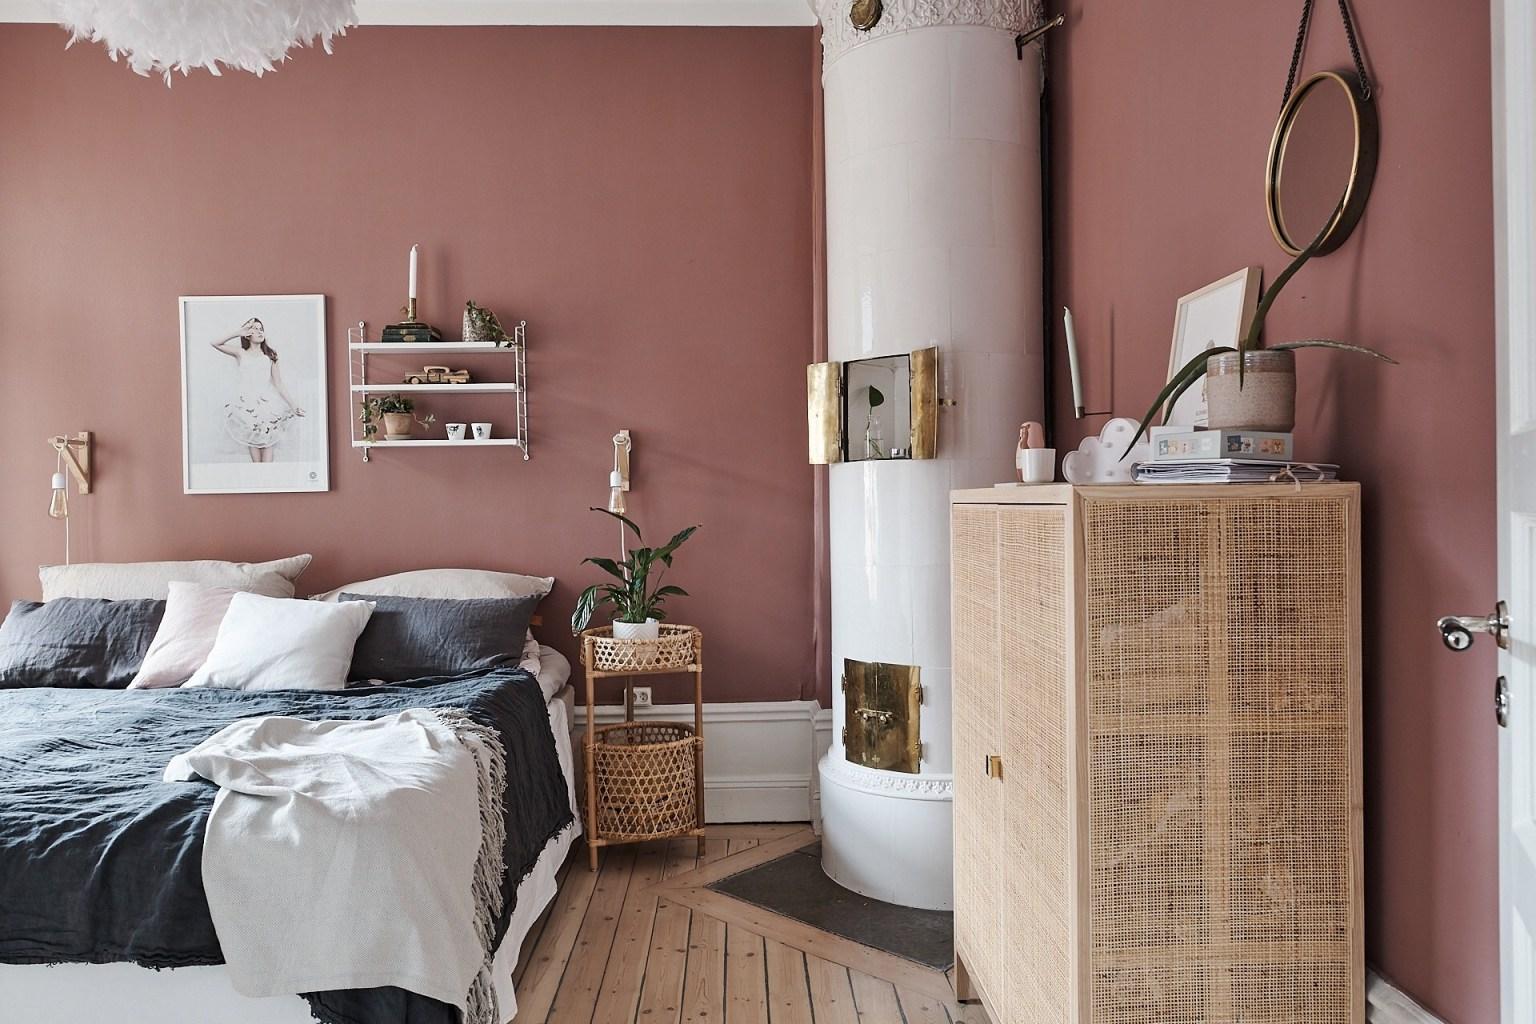 Căn hộ 58m² đẹp tinh tế nhờ phối màu tinh tế theo phong cách Scandinavian - Ảnh 11.